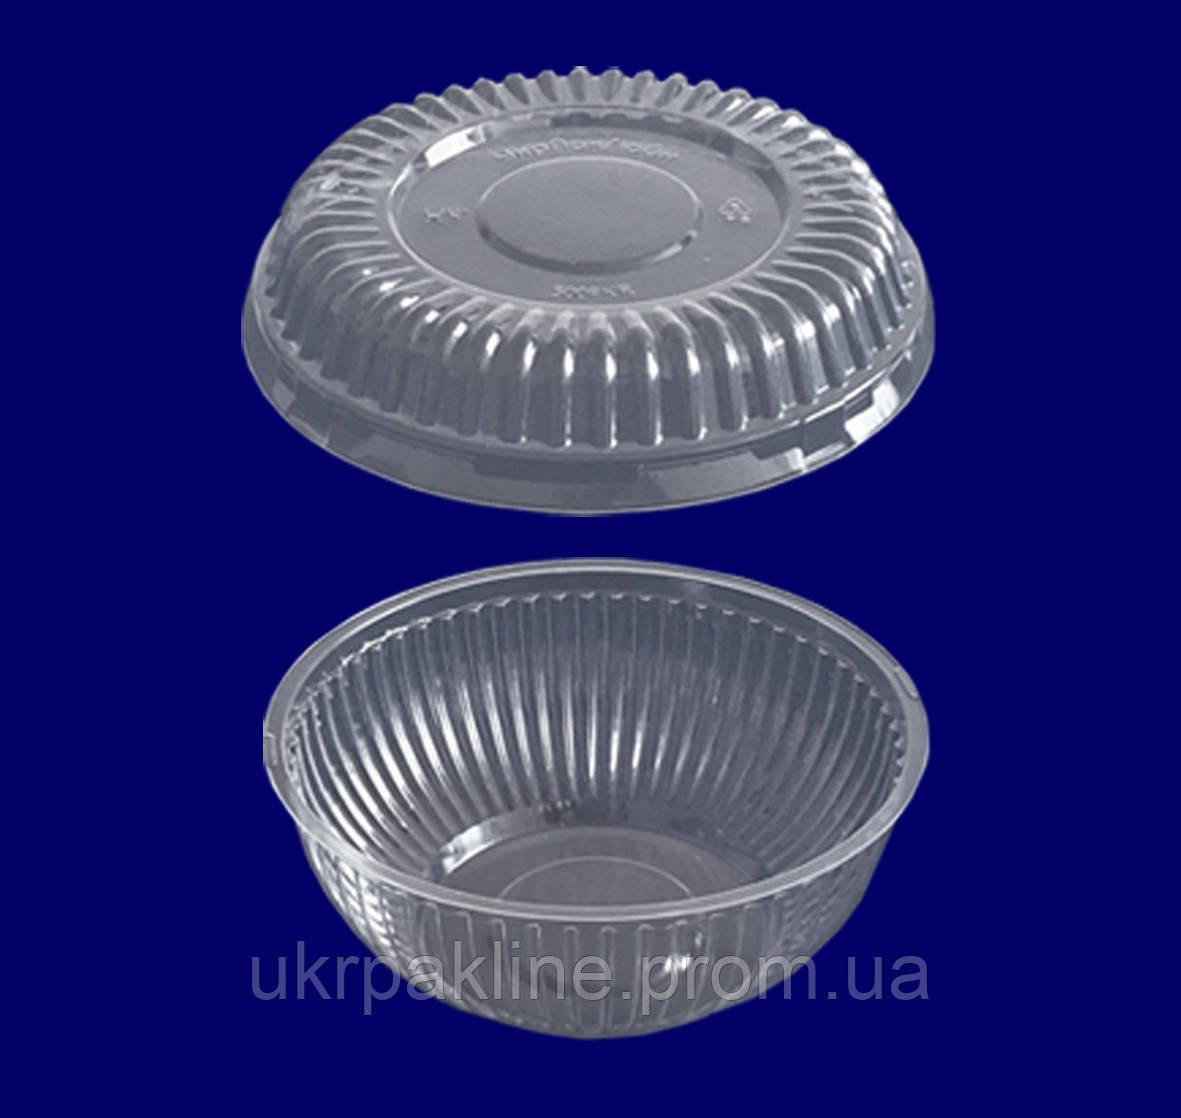 Упаковка круглая арт.500 с крышкой арт.500 РК R/РК